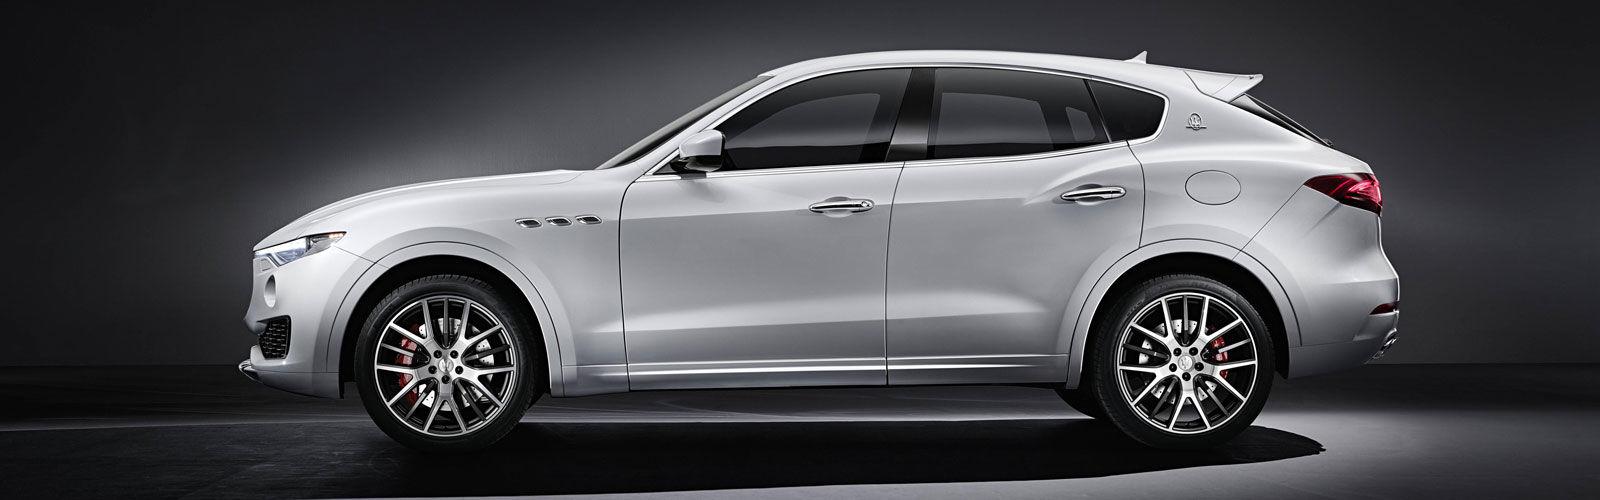 Maserati levante release date